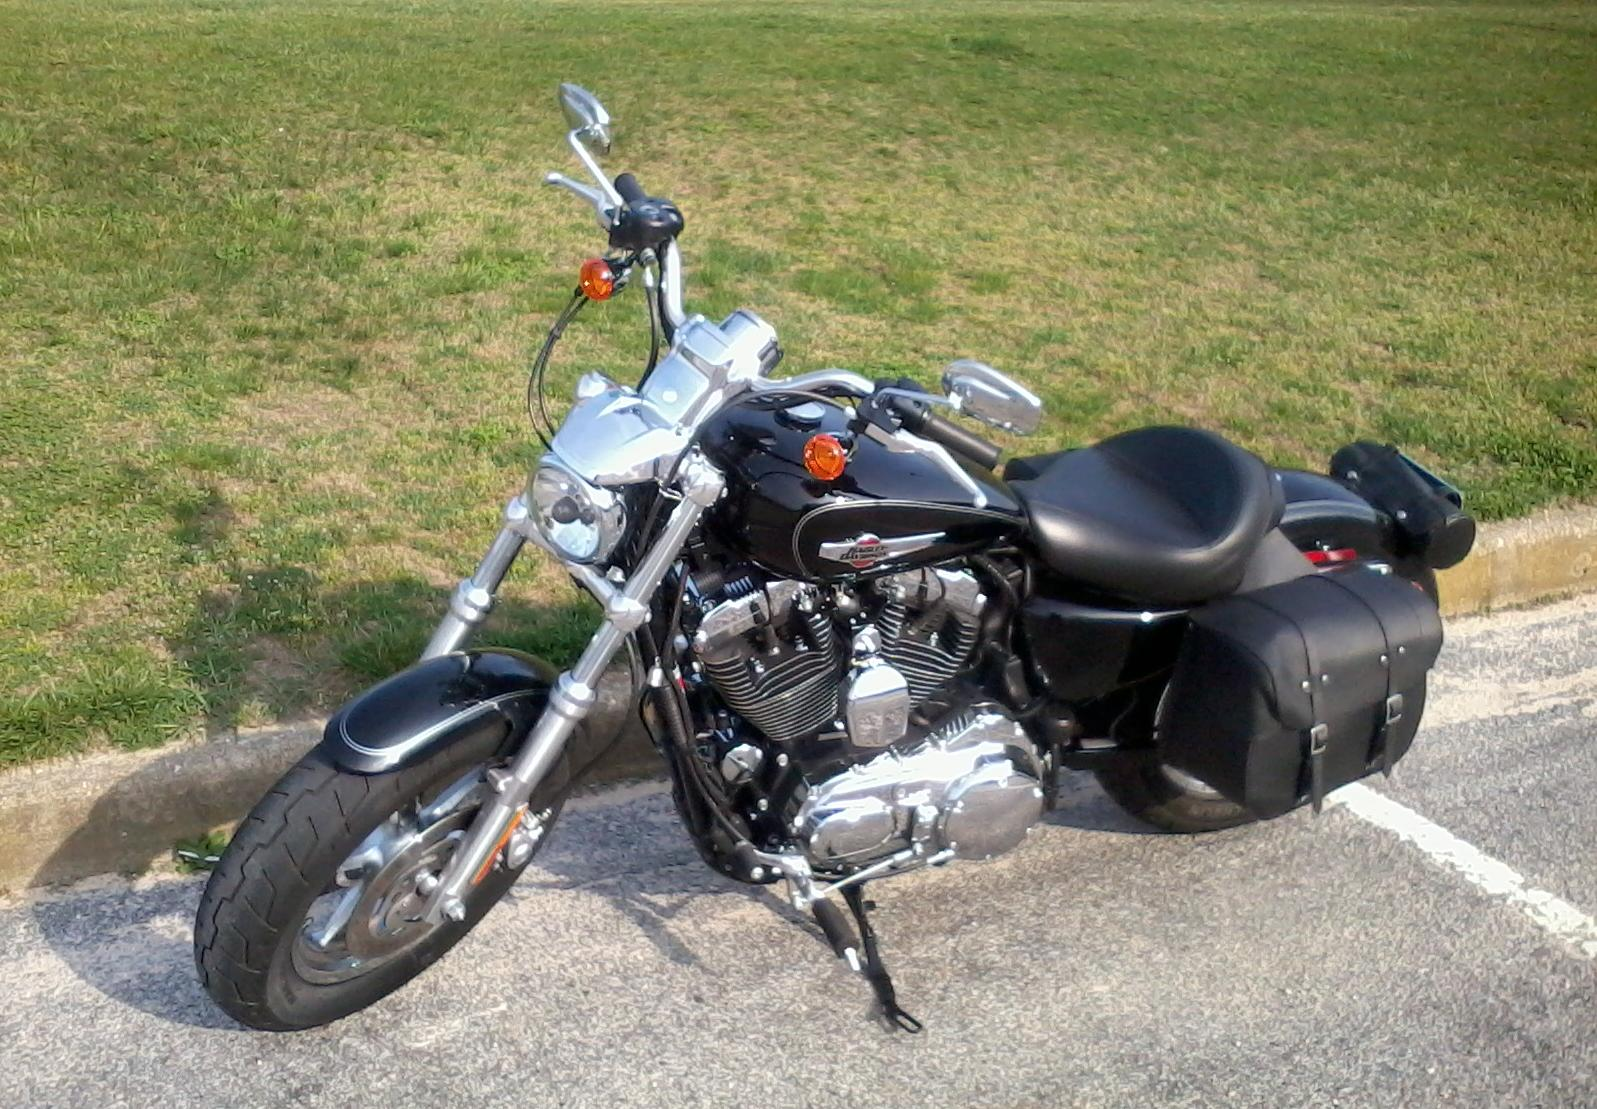 Mustang Touring Seats - Harley Davidson Forums